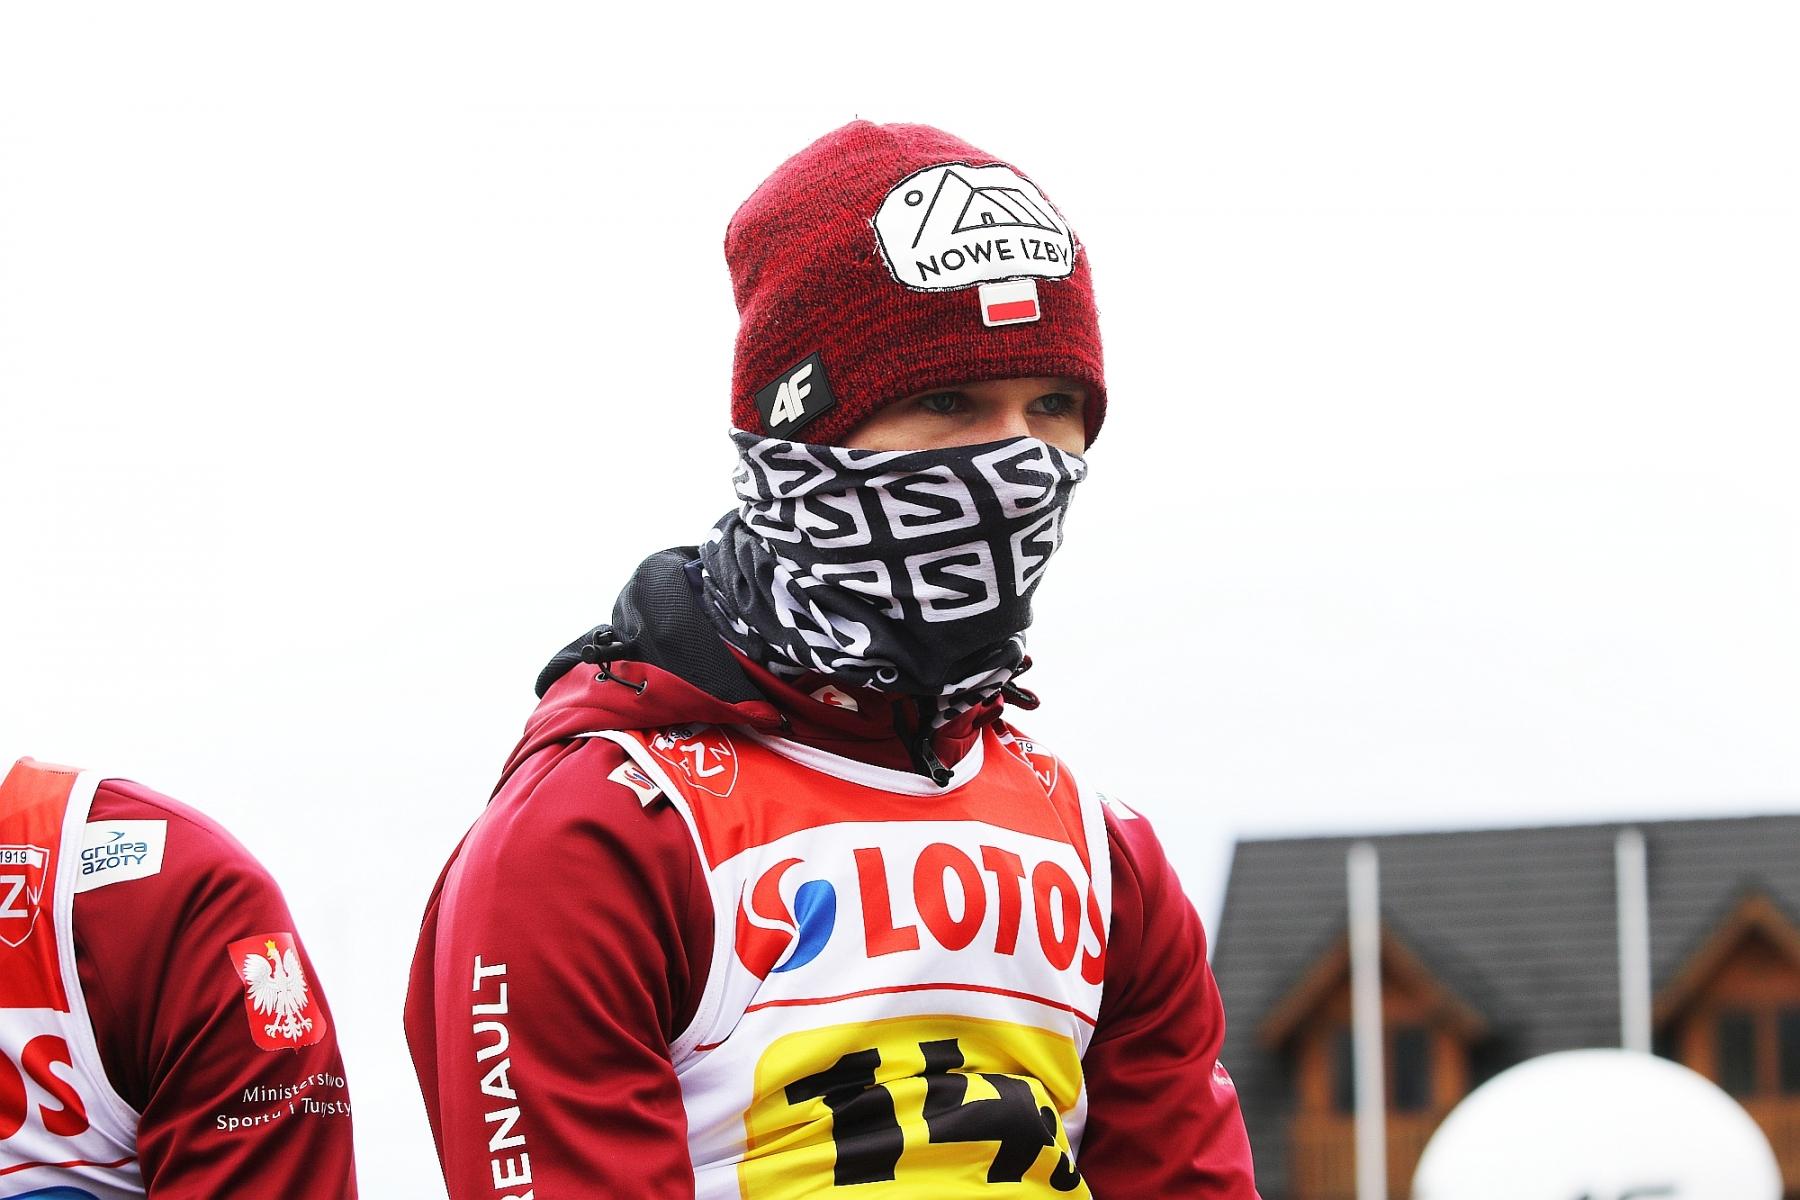 Letnie Mistrzostwa Polski Szczyrk2020 Team fot 73 - Bohaterowie i przegrani inauguracji w Wiśle, czyli wzloty i upadki na starcie zimy [PODSUMOWANIE]